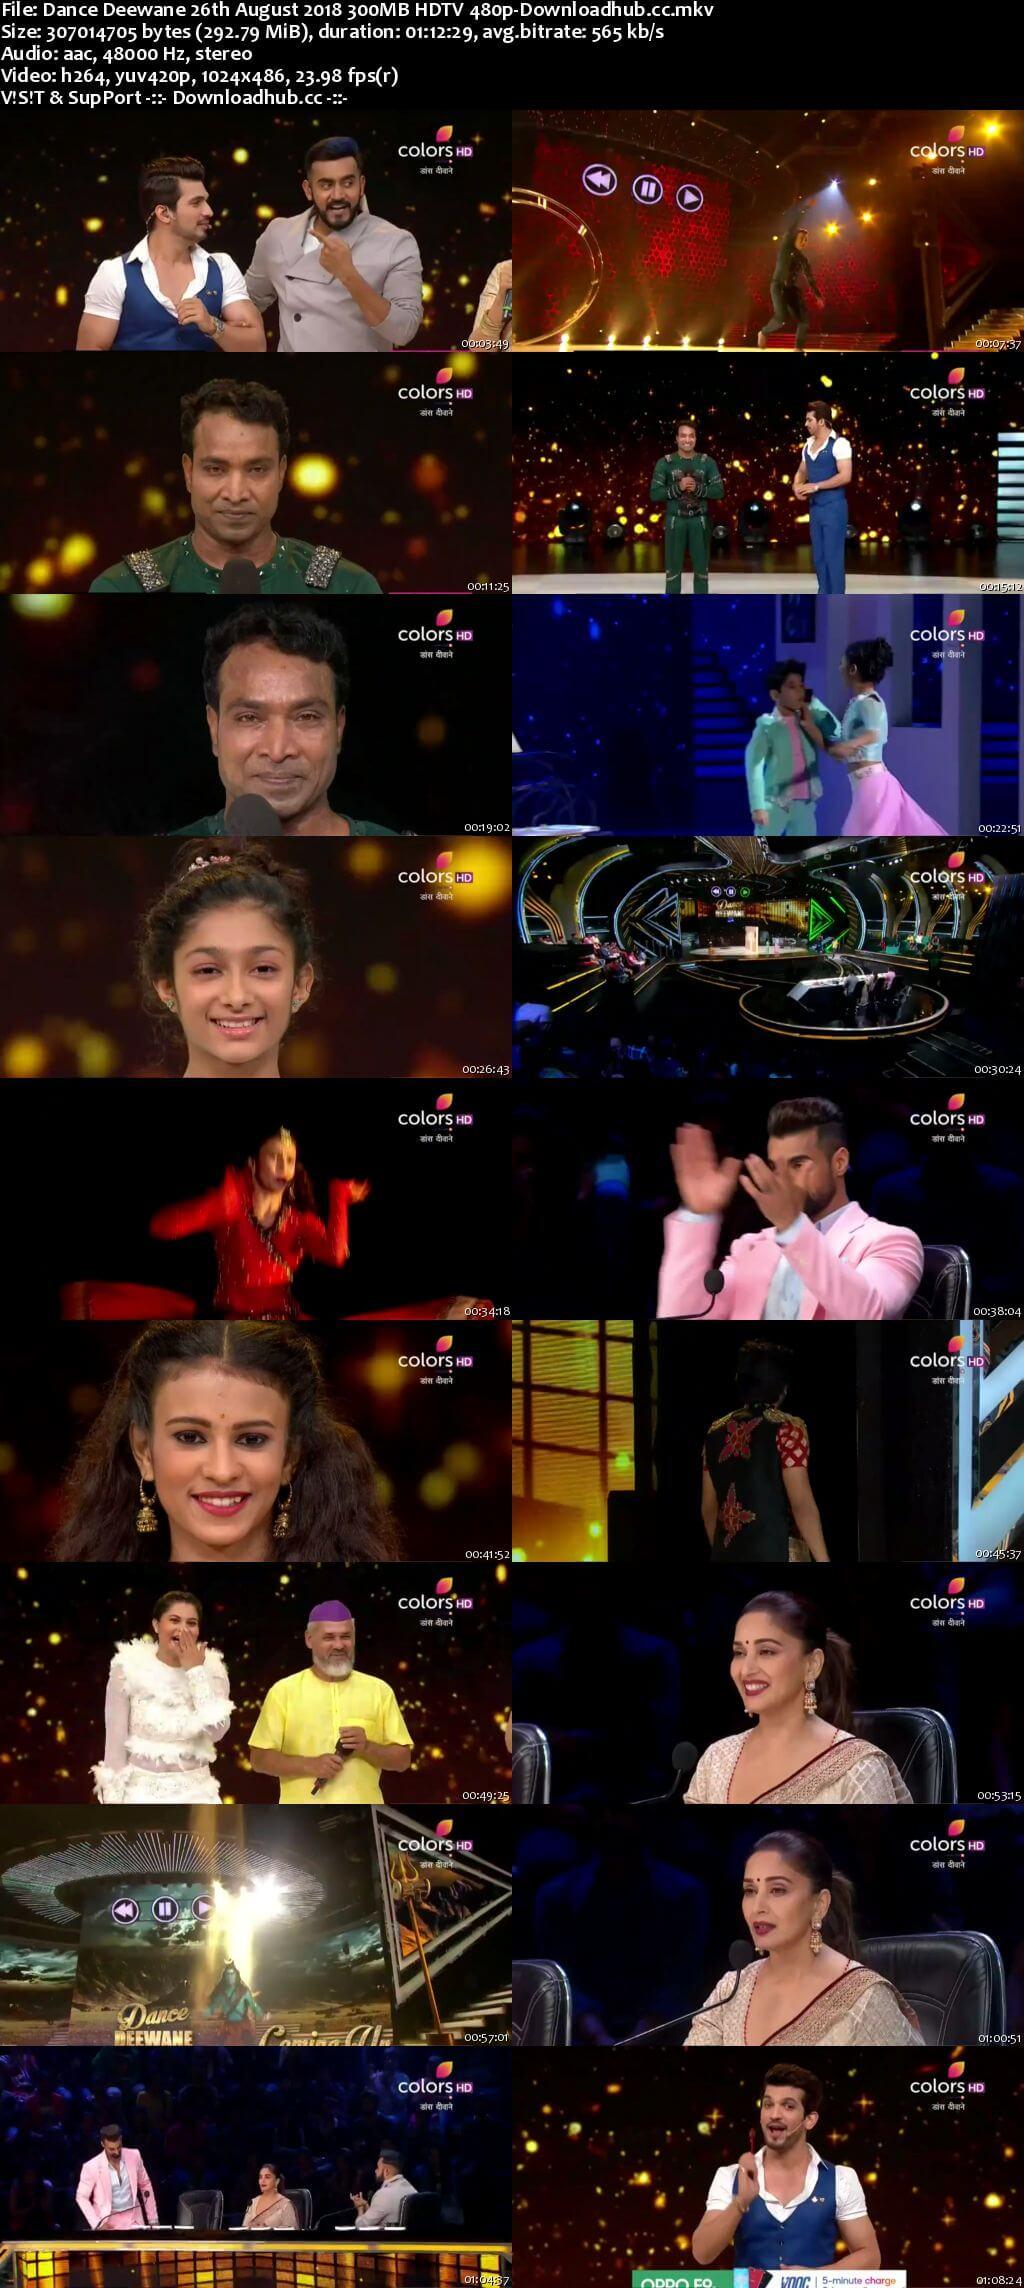 Dance Deewane 26 August 2018 Episode 25 HDTV 480p